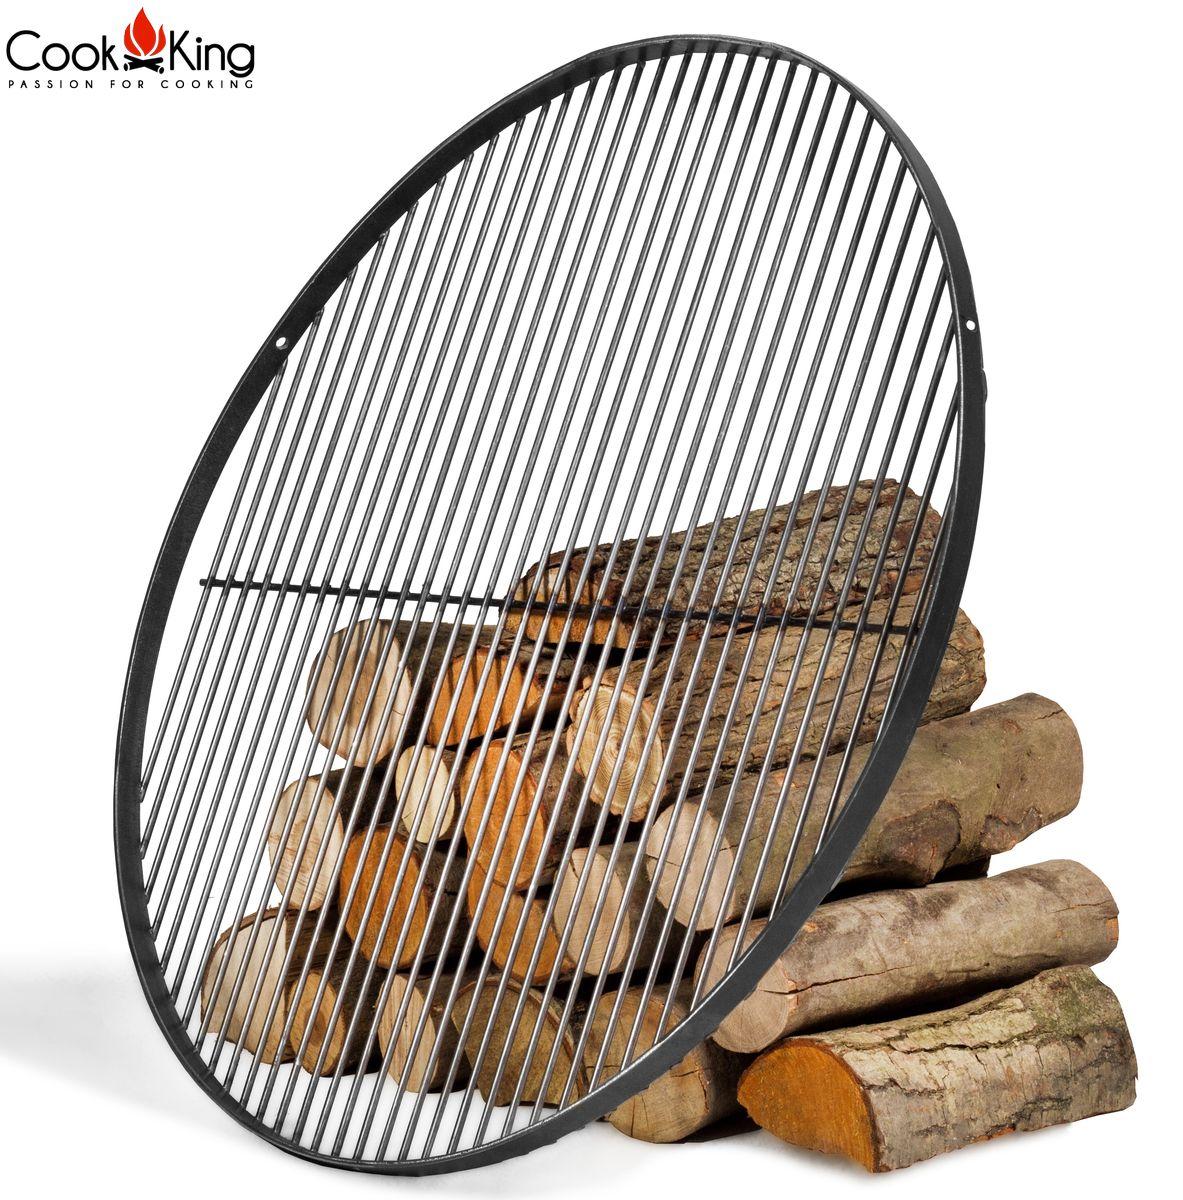 cook king bbq grill grillrost rohstahlrost rost 80 cm. Black Bedroom Furniture Sets. Home Design Ideas